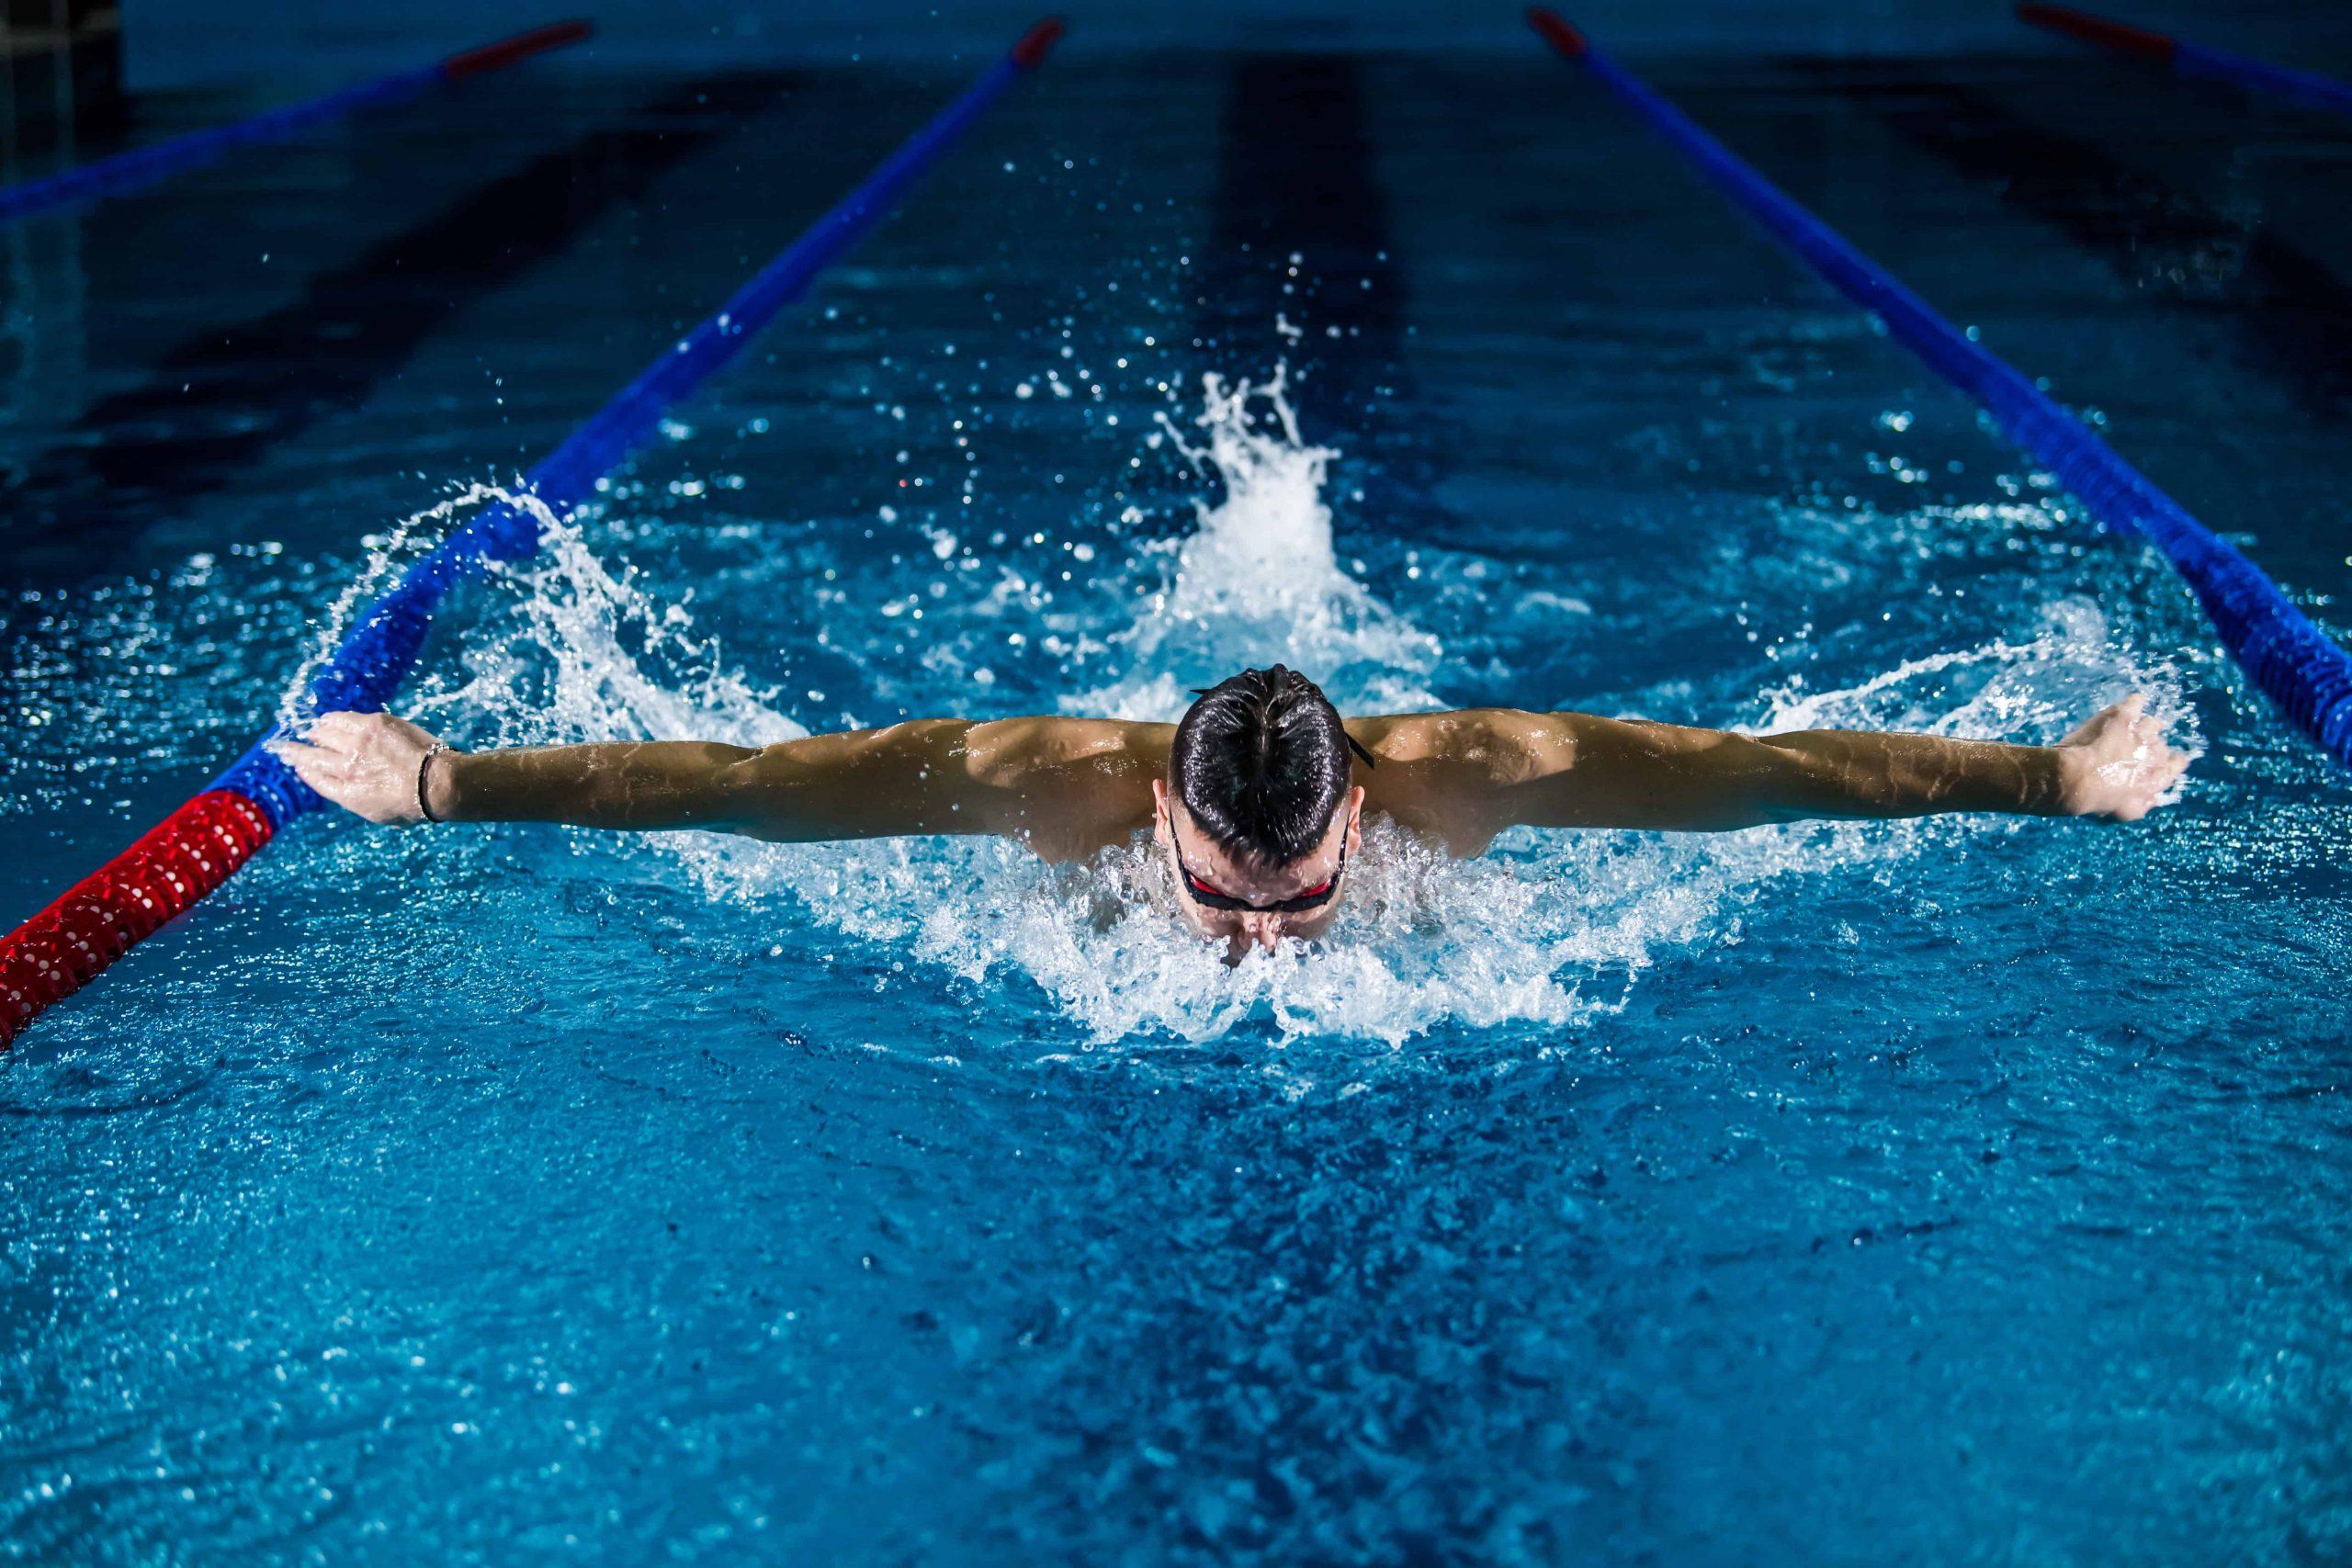 Schwimmbrille mit Sehstärke: Test & Empfehlungen (02/20)